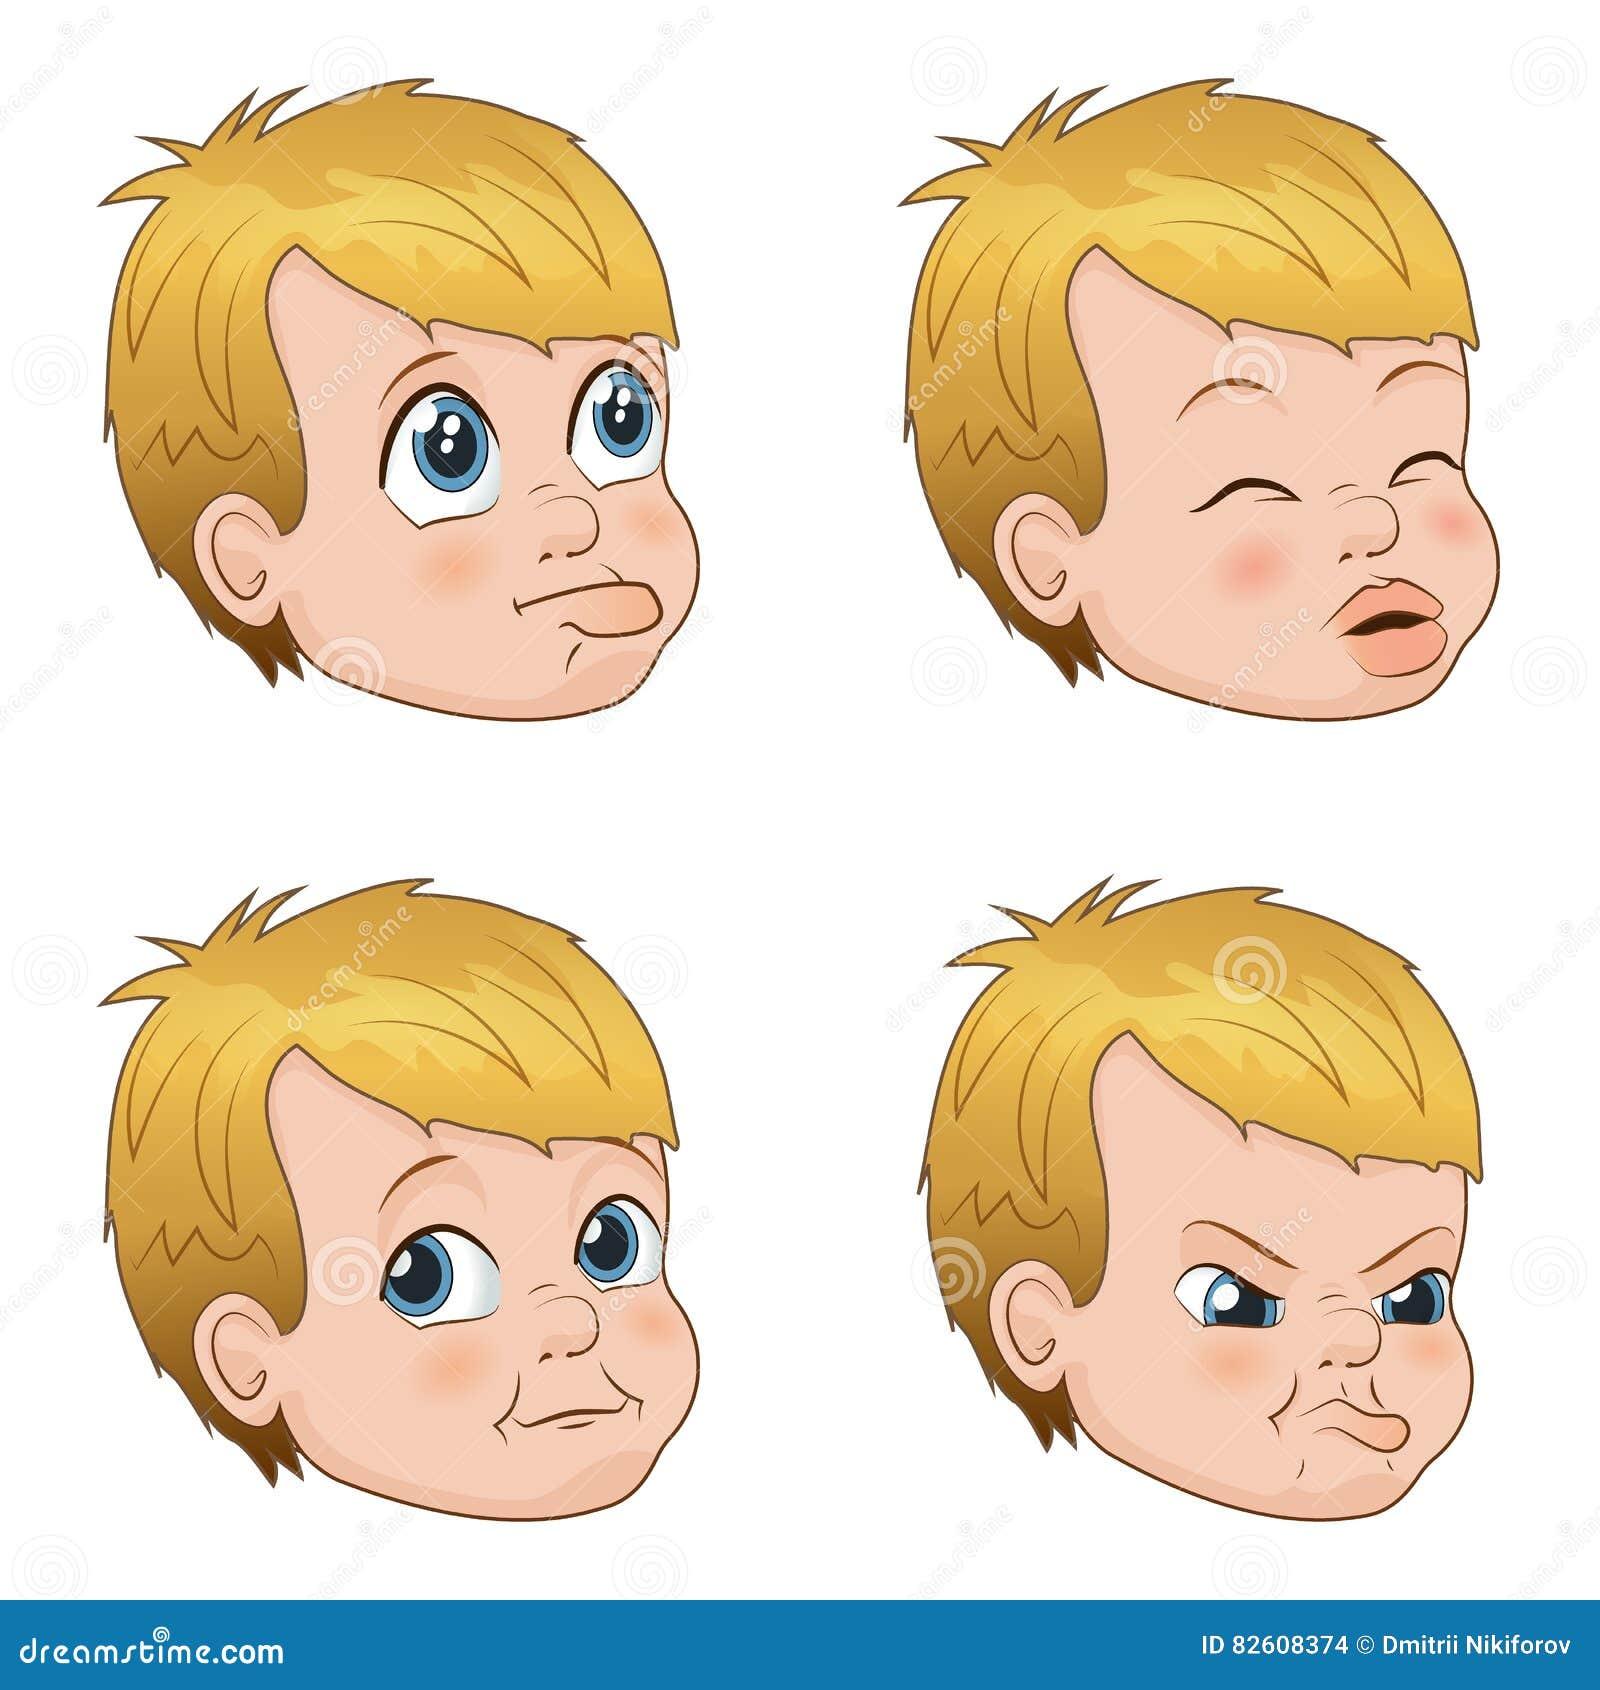 O grupo da ilustração do vetor de menino pequeno bonito da intimidação enfrenta mostrar emoções diferentes